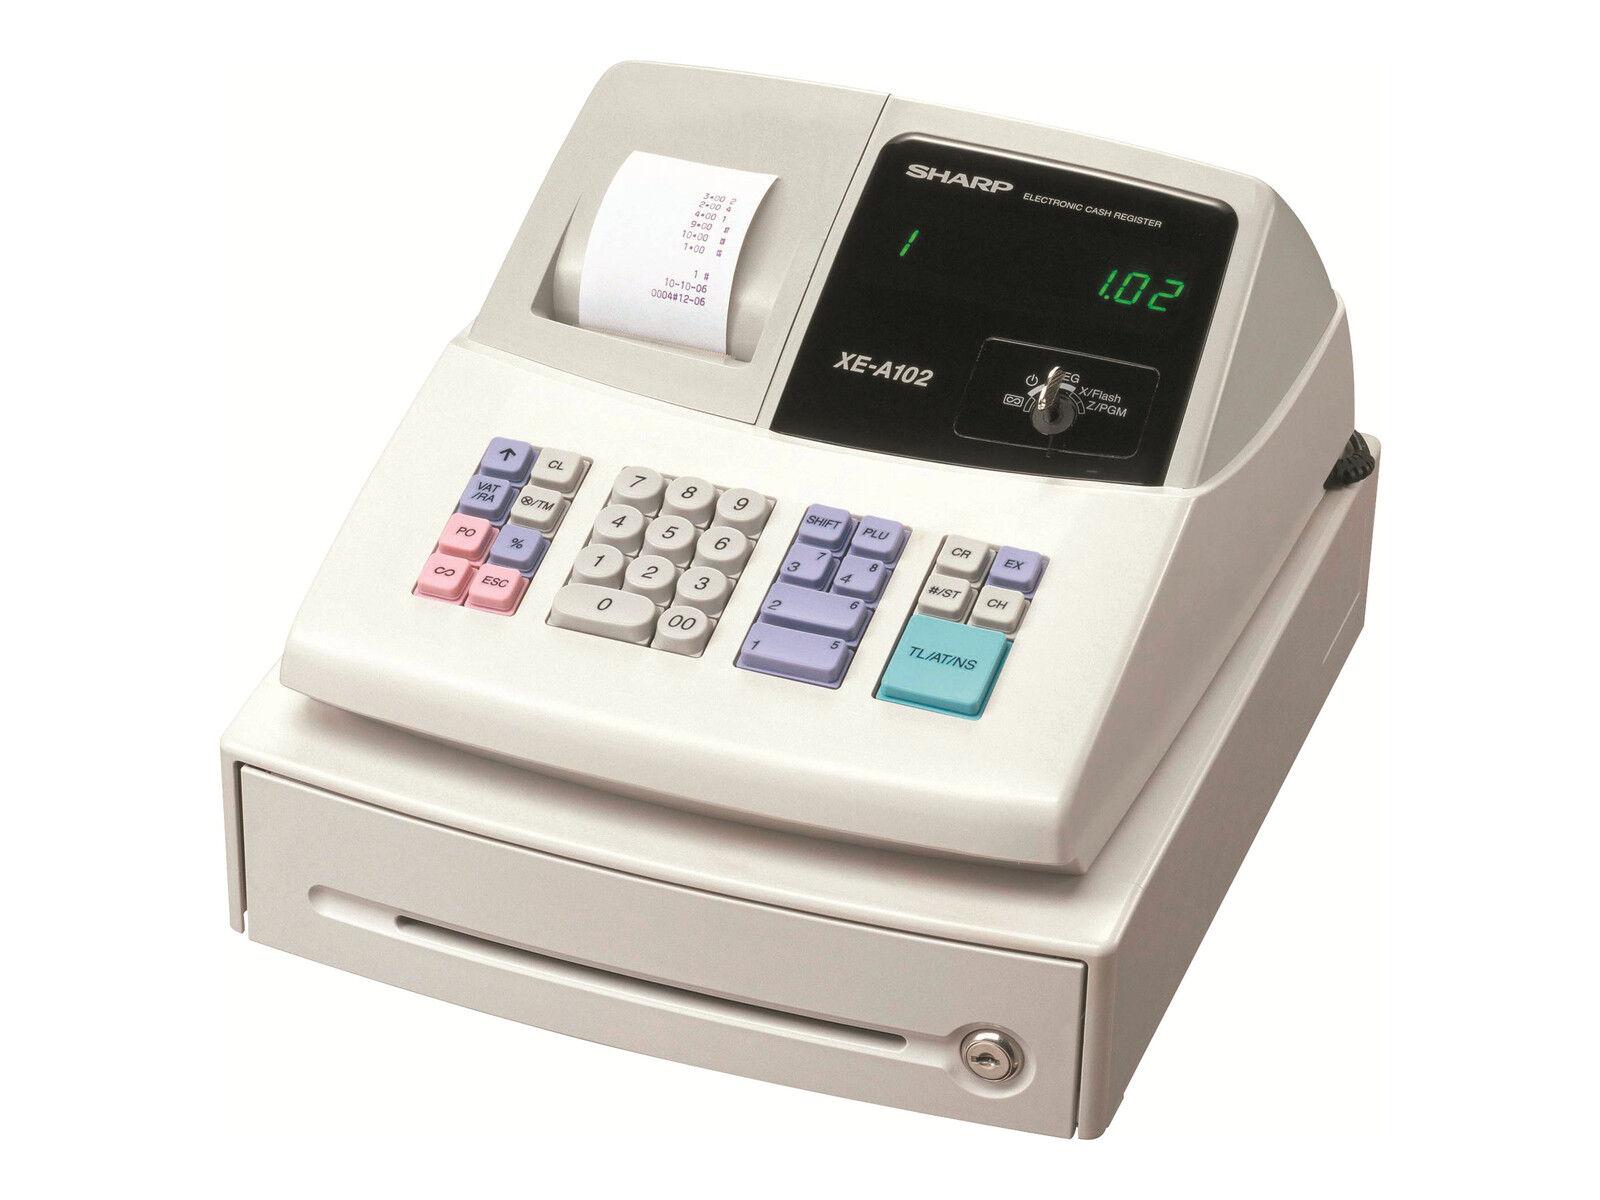 sharp cash register manual xe a102 online user manual u2022 rh pandadigital co sharp xe-a102 manual english sharp xe-a102 manual uk